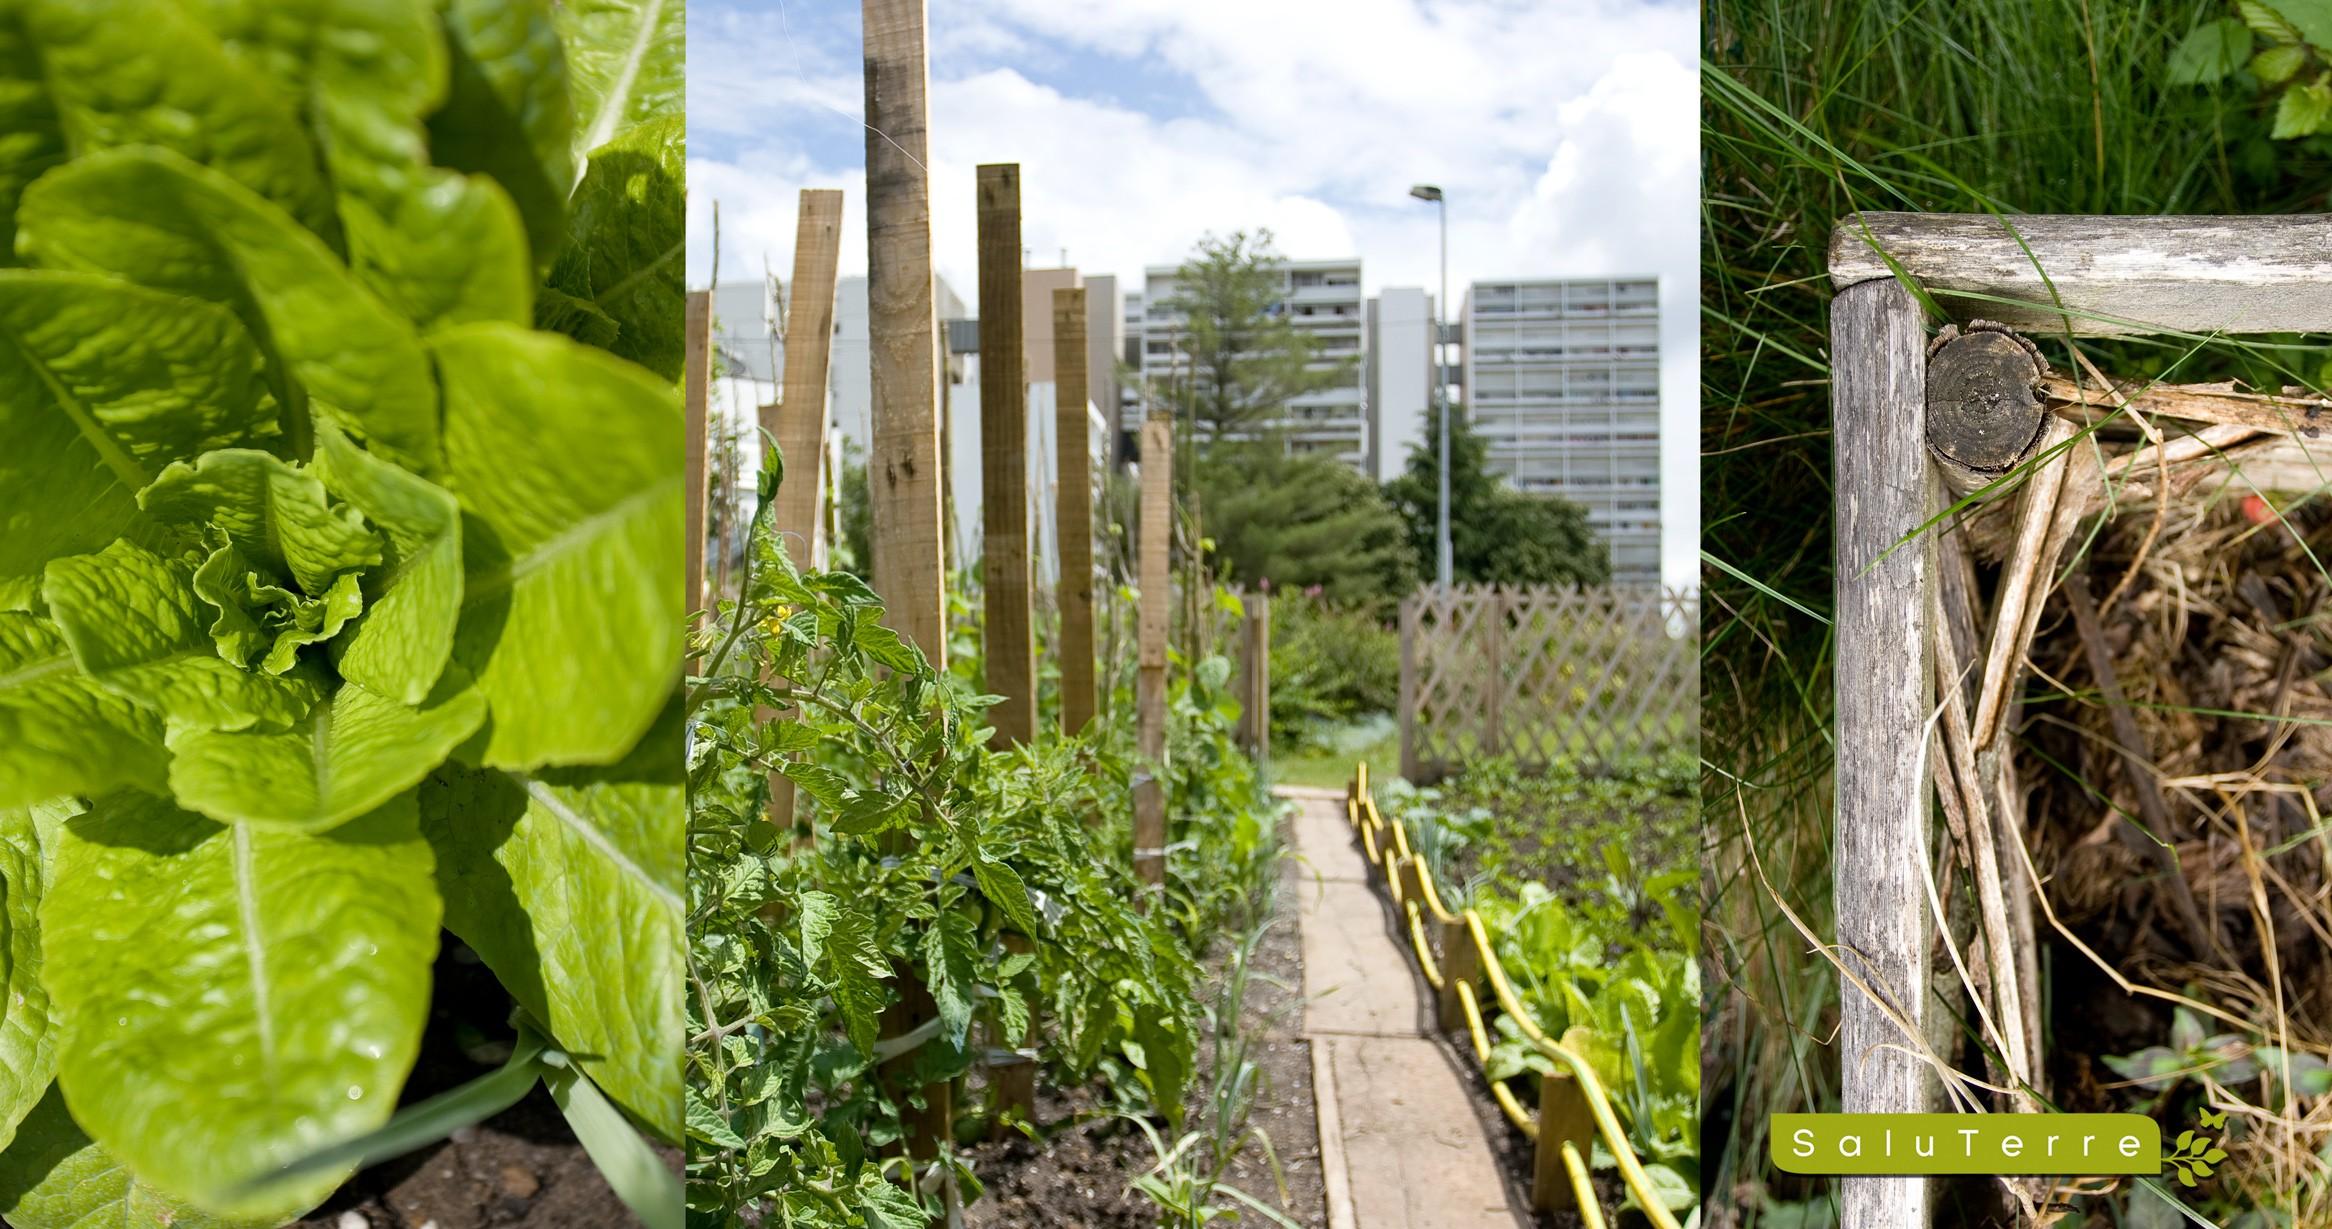 Un potager urbain : pour mieux se nourrir et échanger - © D.R.